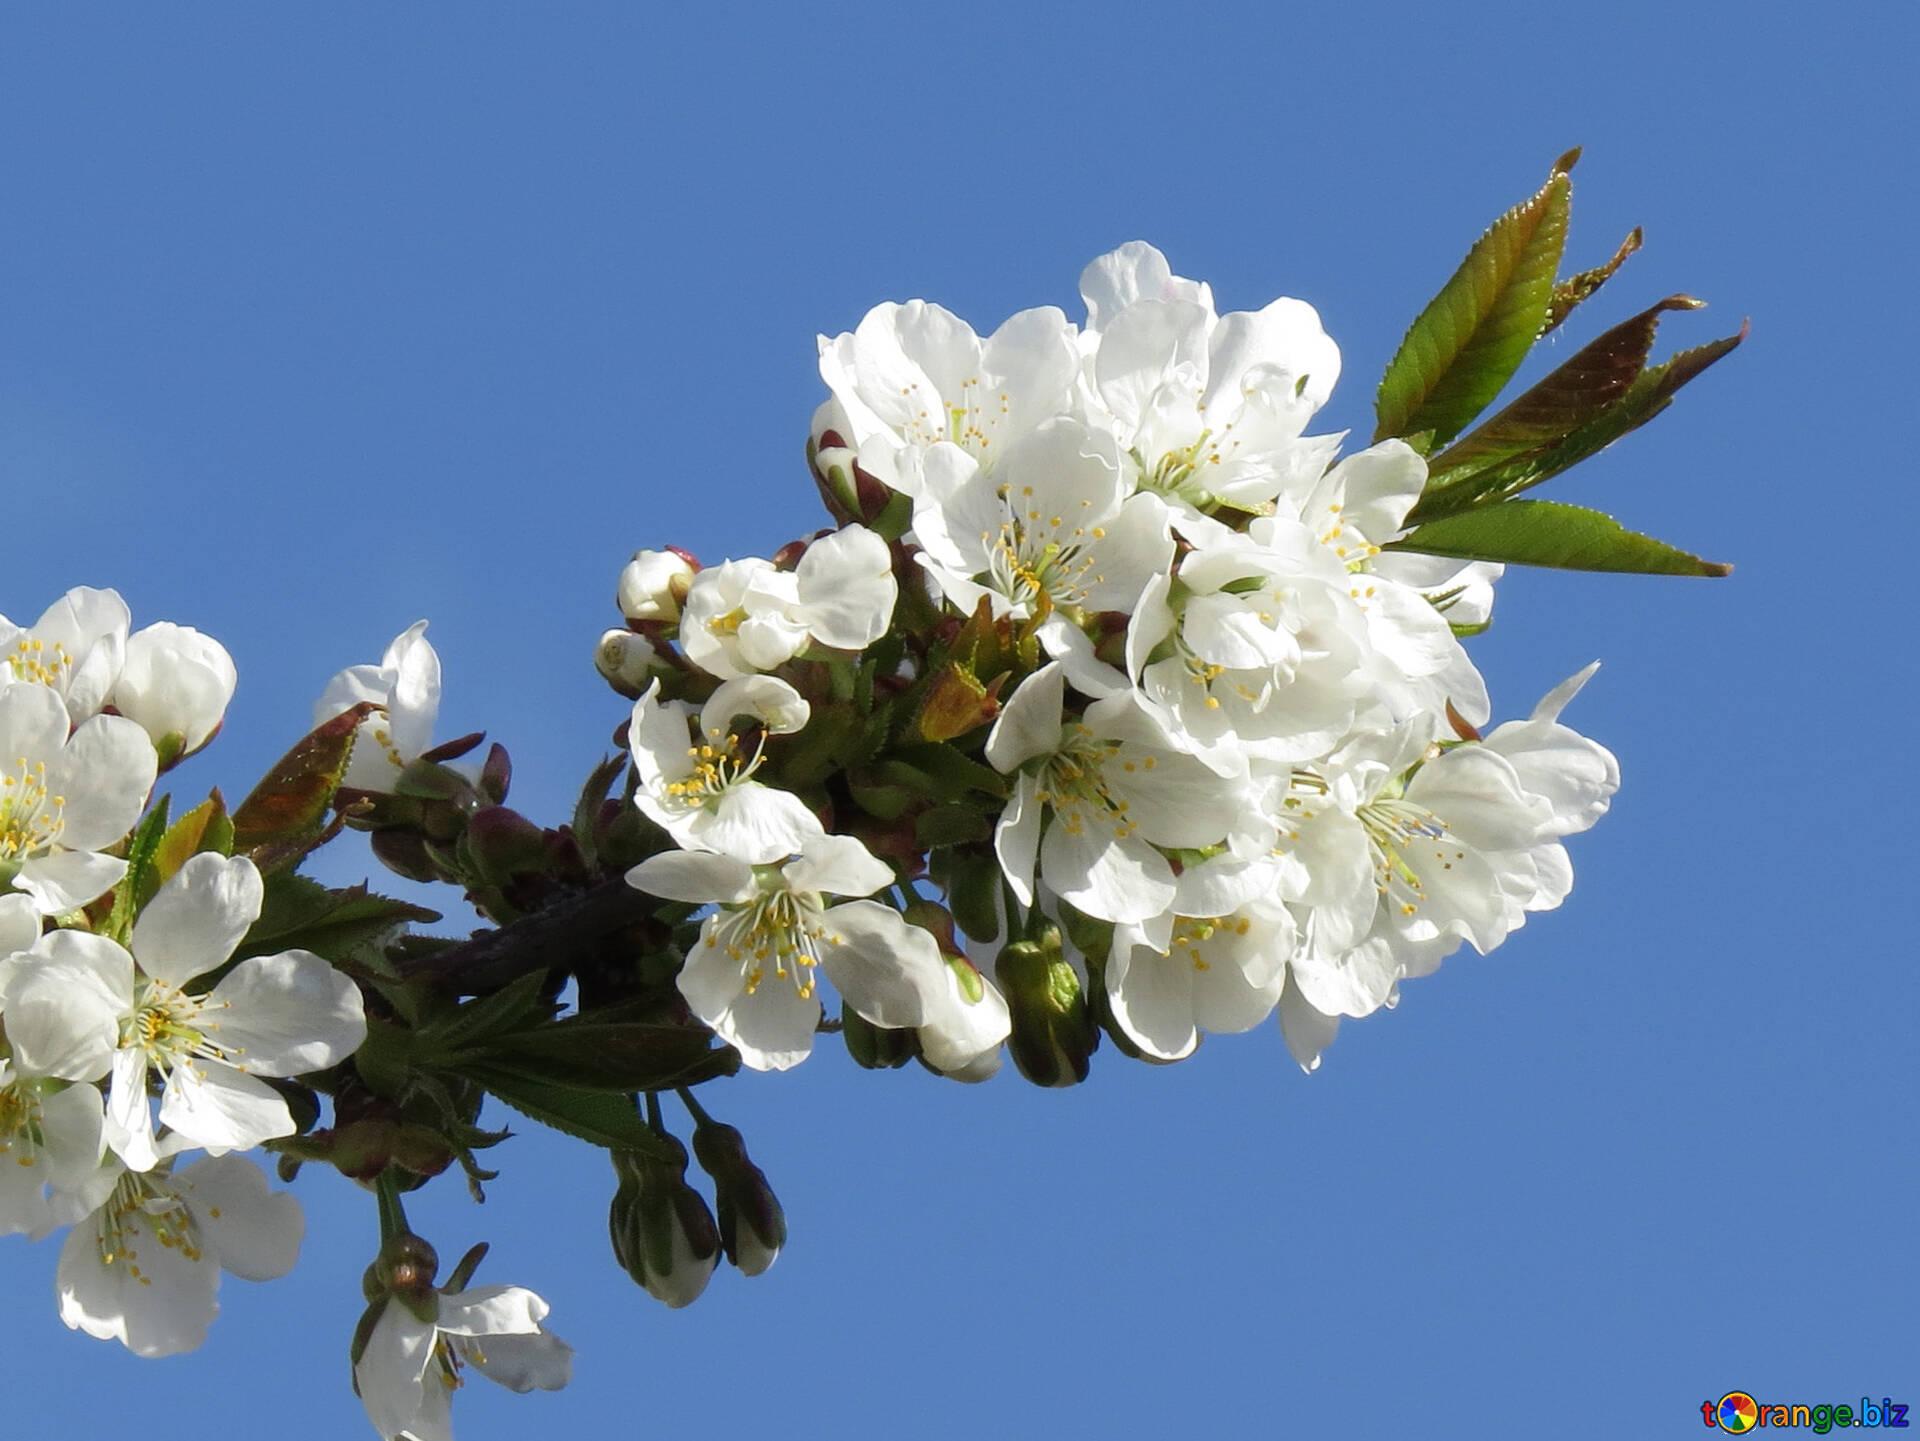 Frühlingsblumen Isoliert Frühling Hintergrund Auf Desktop Frucht 24424